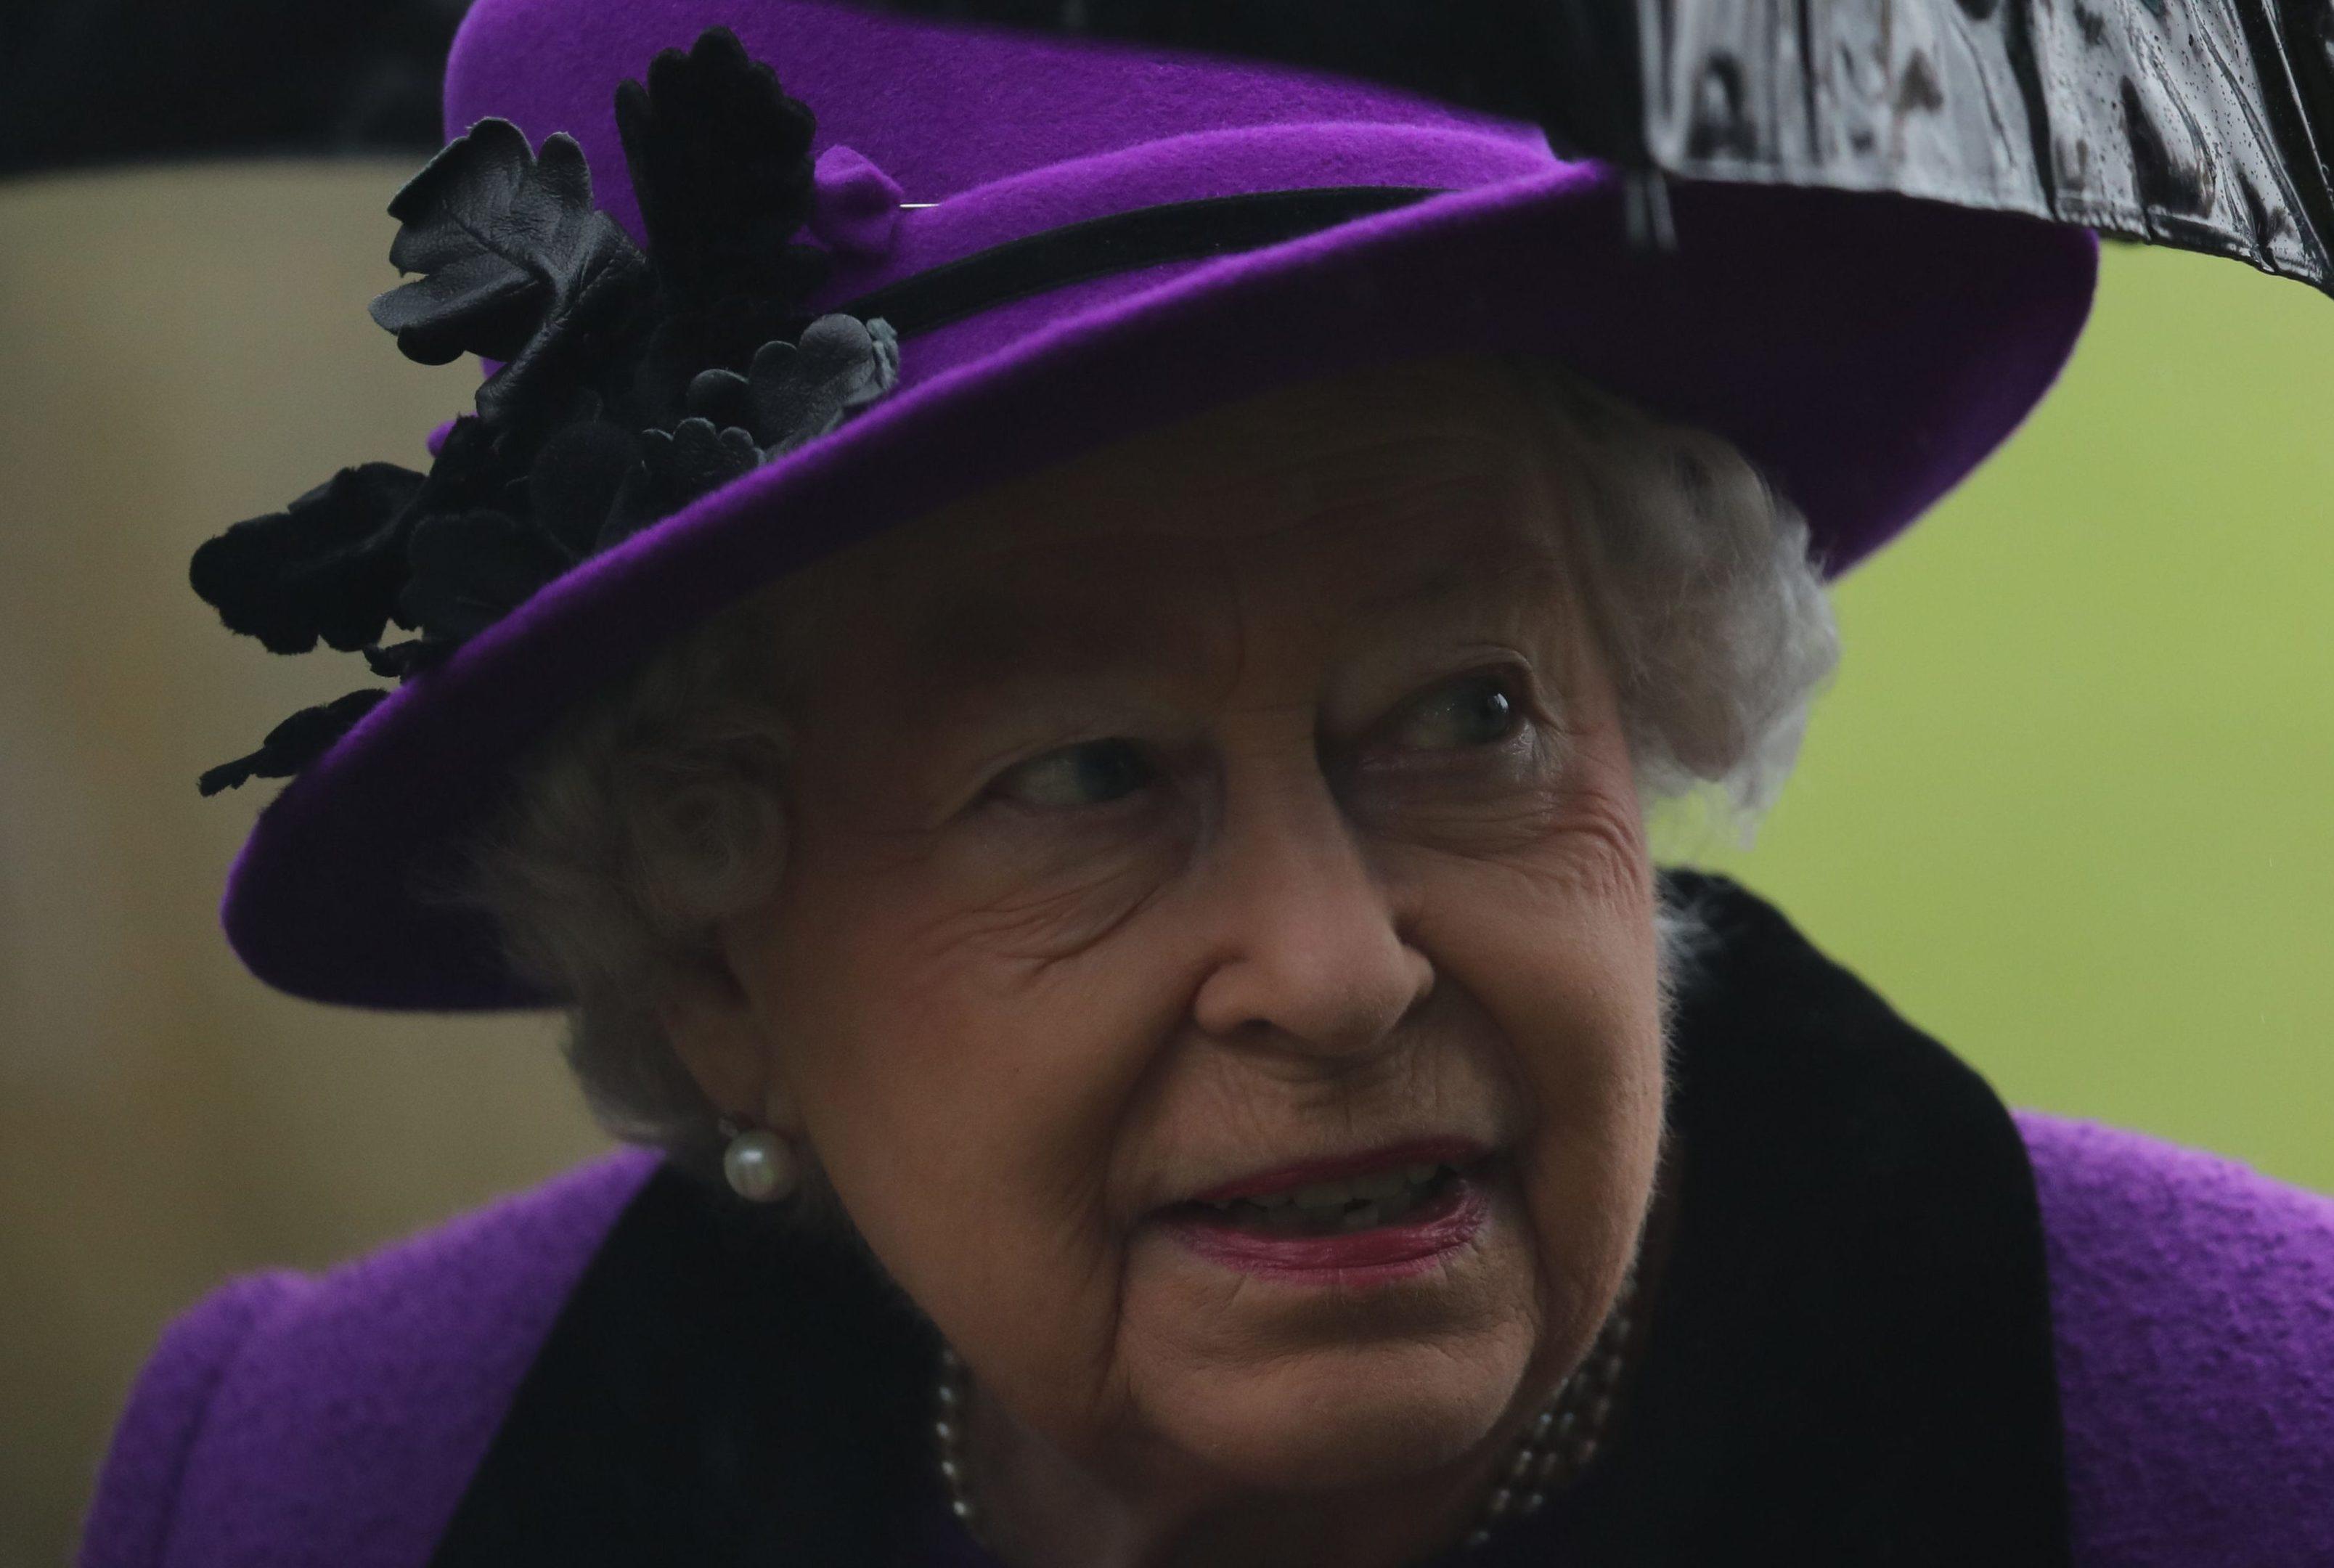 Queen Elizabeth II is now Britain's longest ever monarch